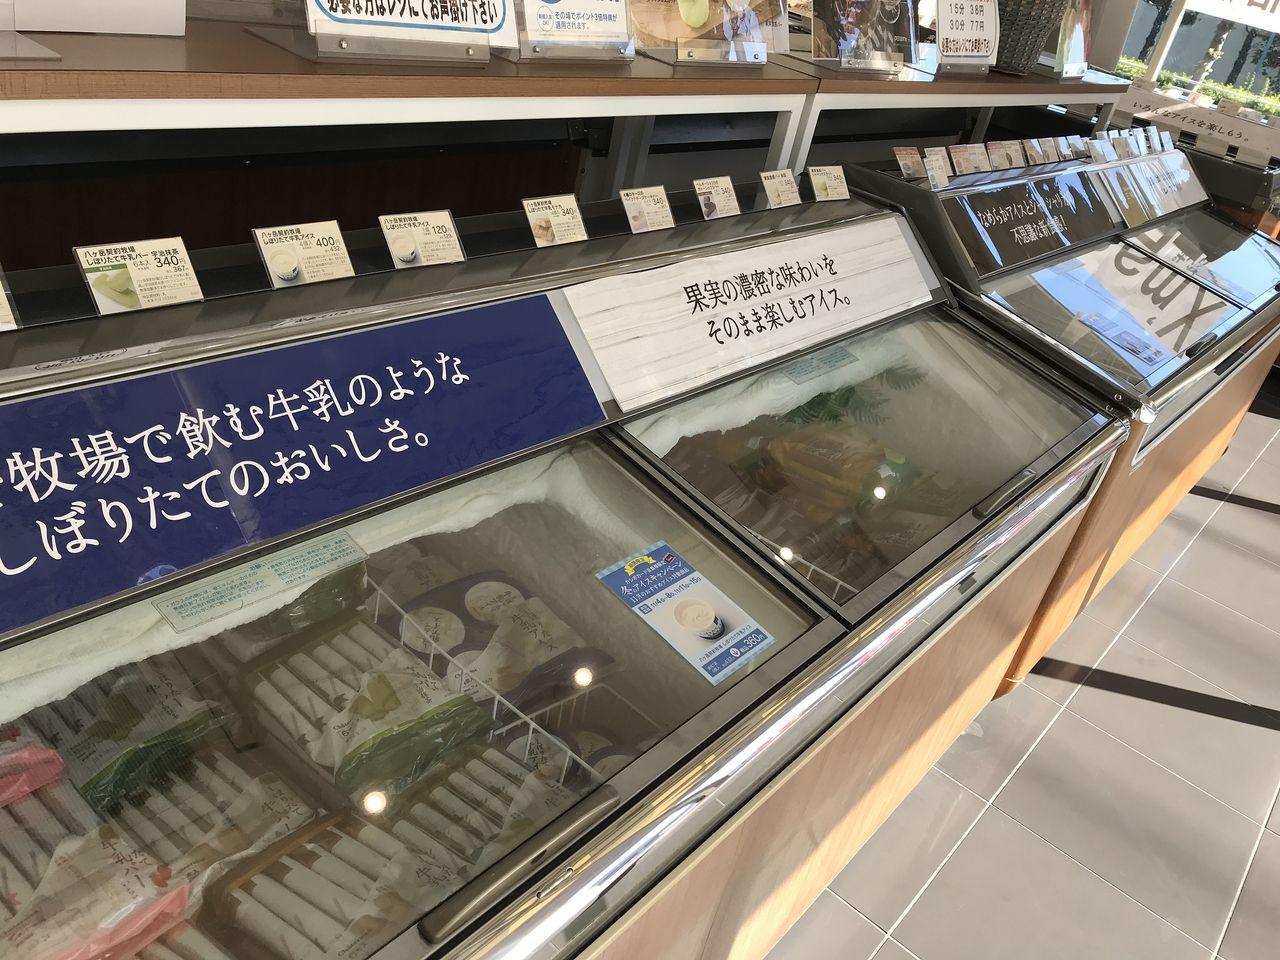 行徳のシャトレーゼのアイスクリーム